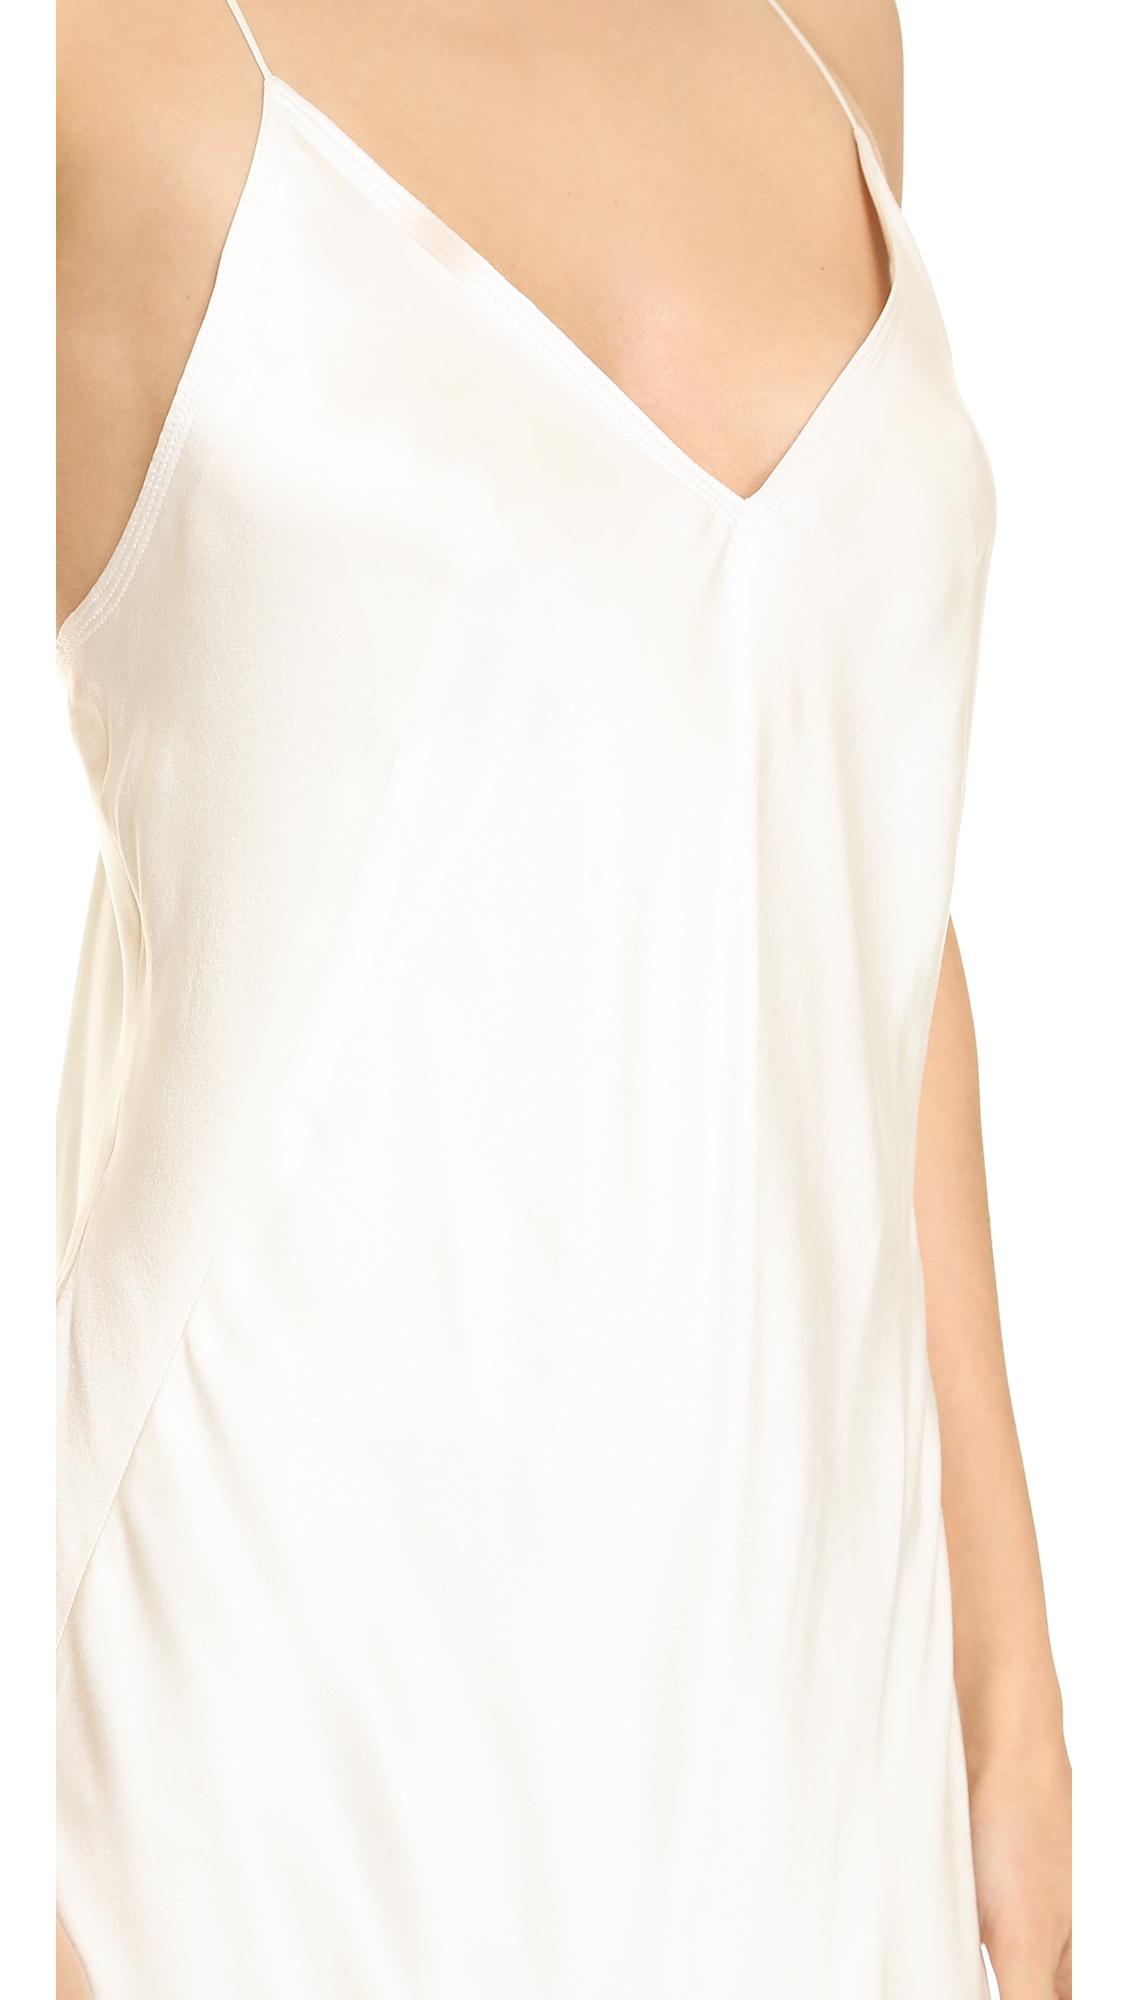 Turmec » strapless white dress slip 05f8290bb